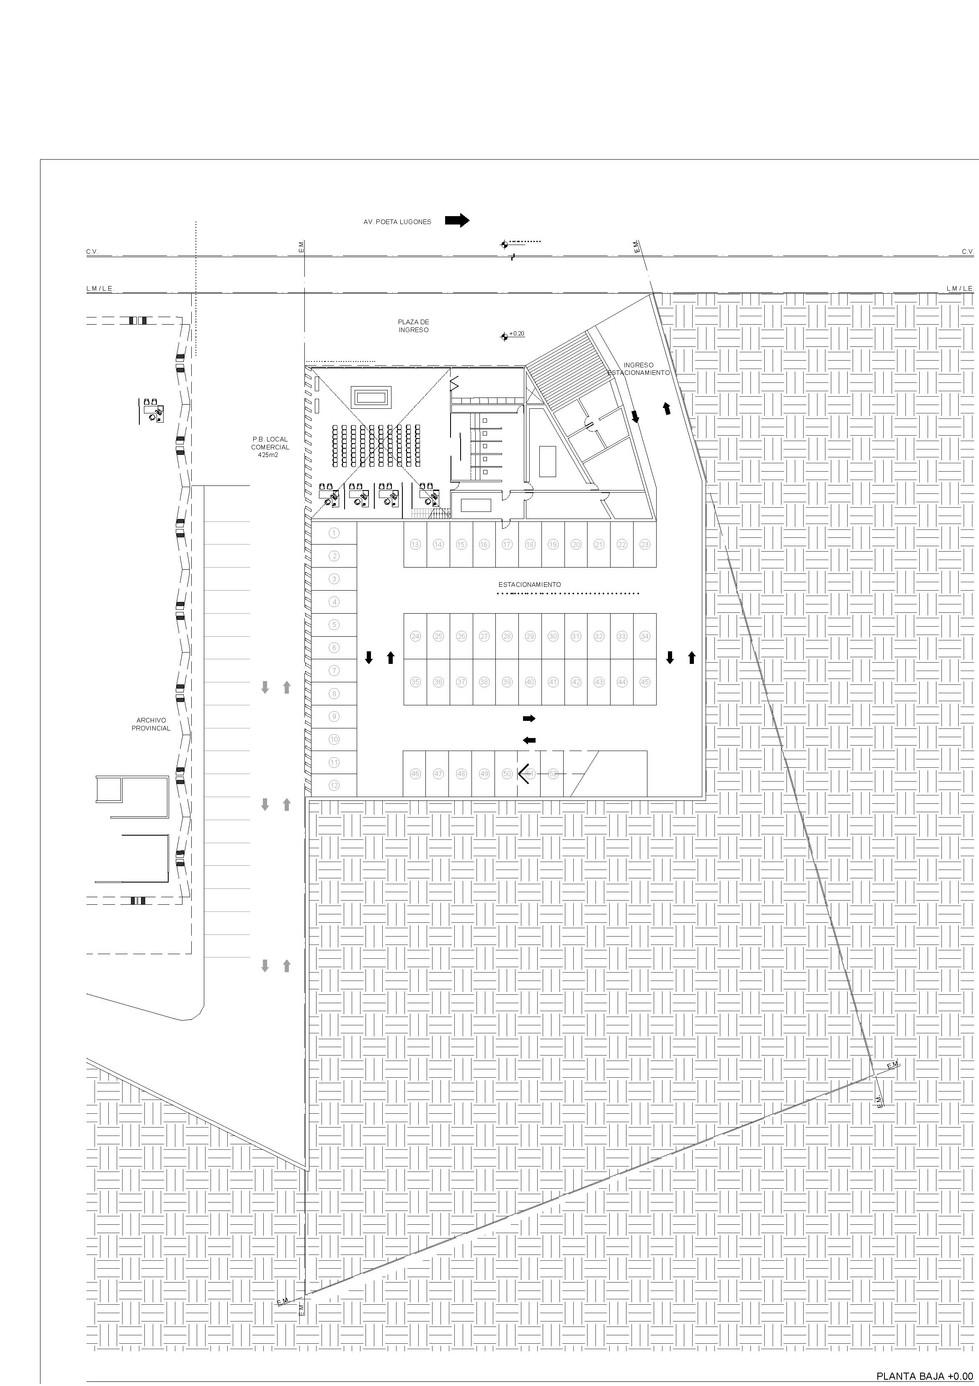 planos_um_av_lugones_pgina_1jpg